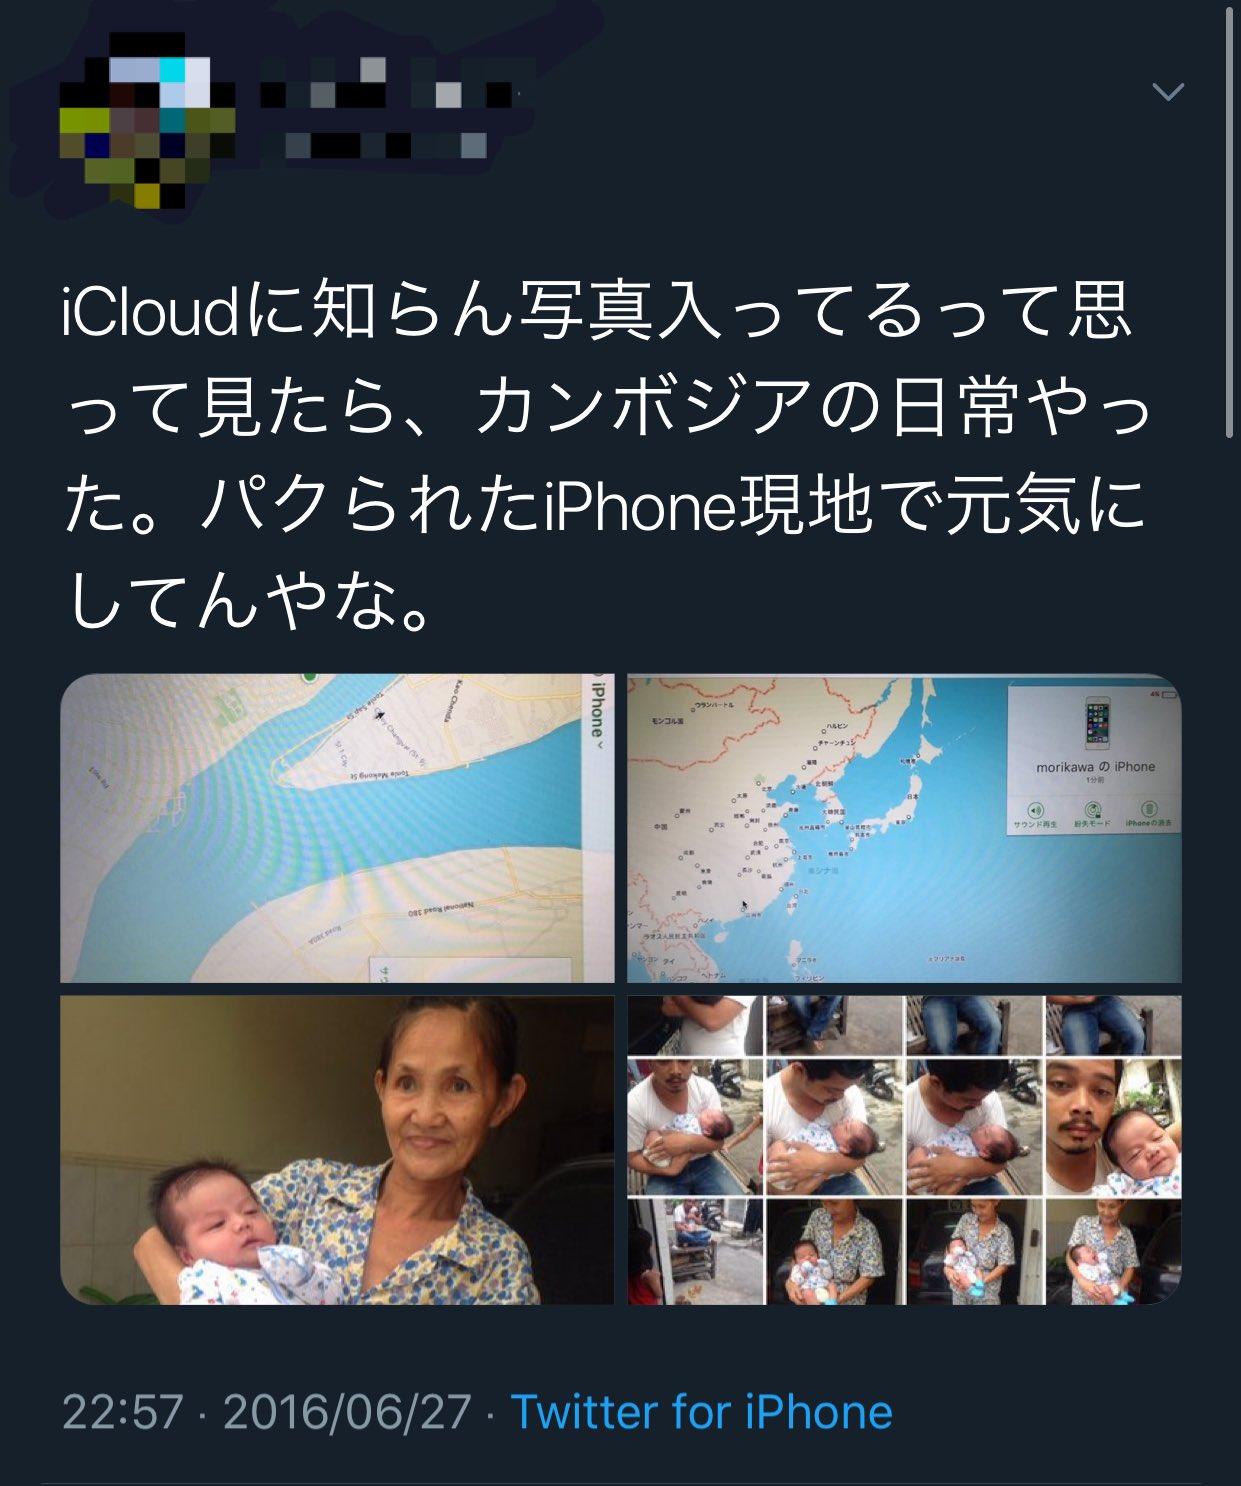 カンボジアで元気に活動するパクられたiPhone